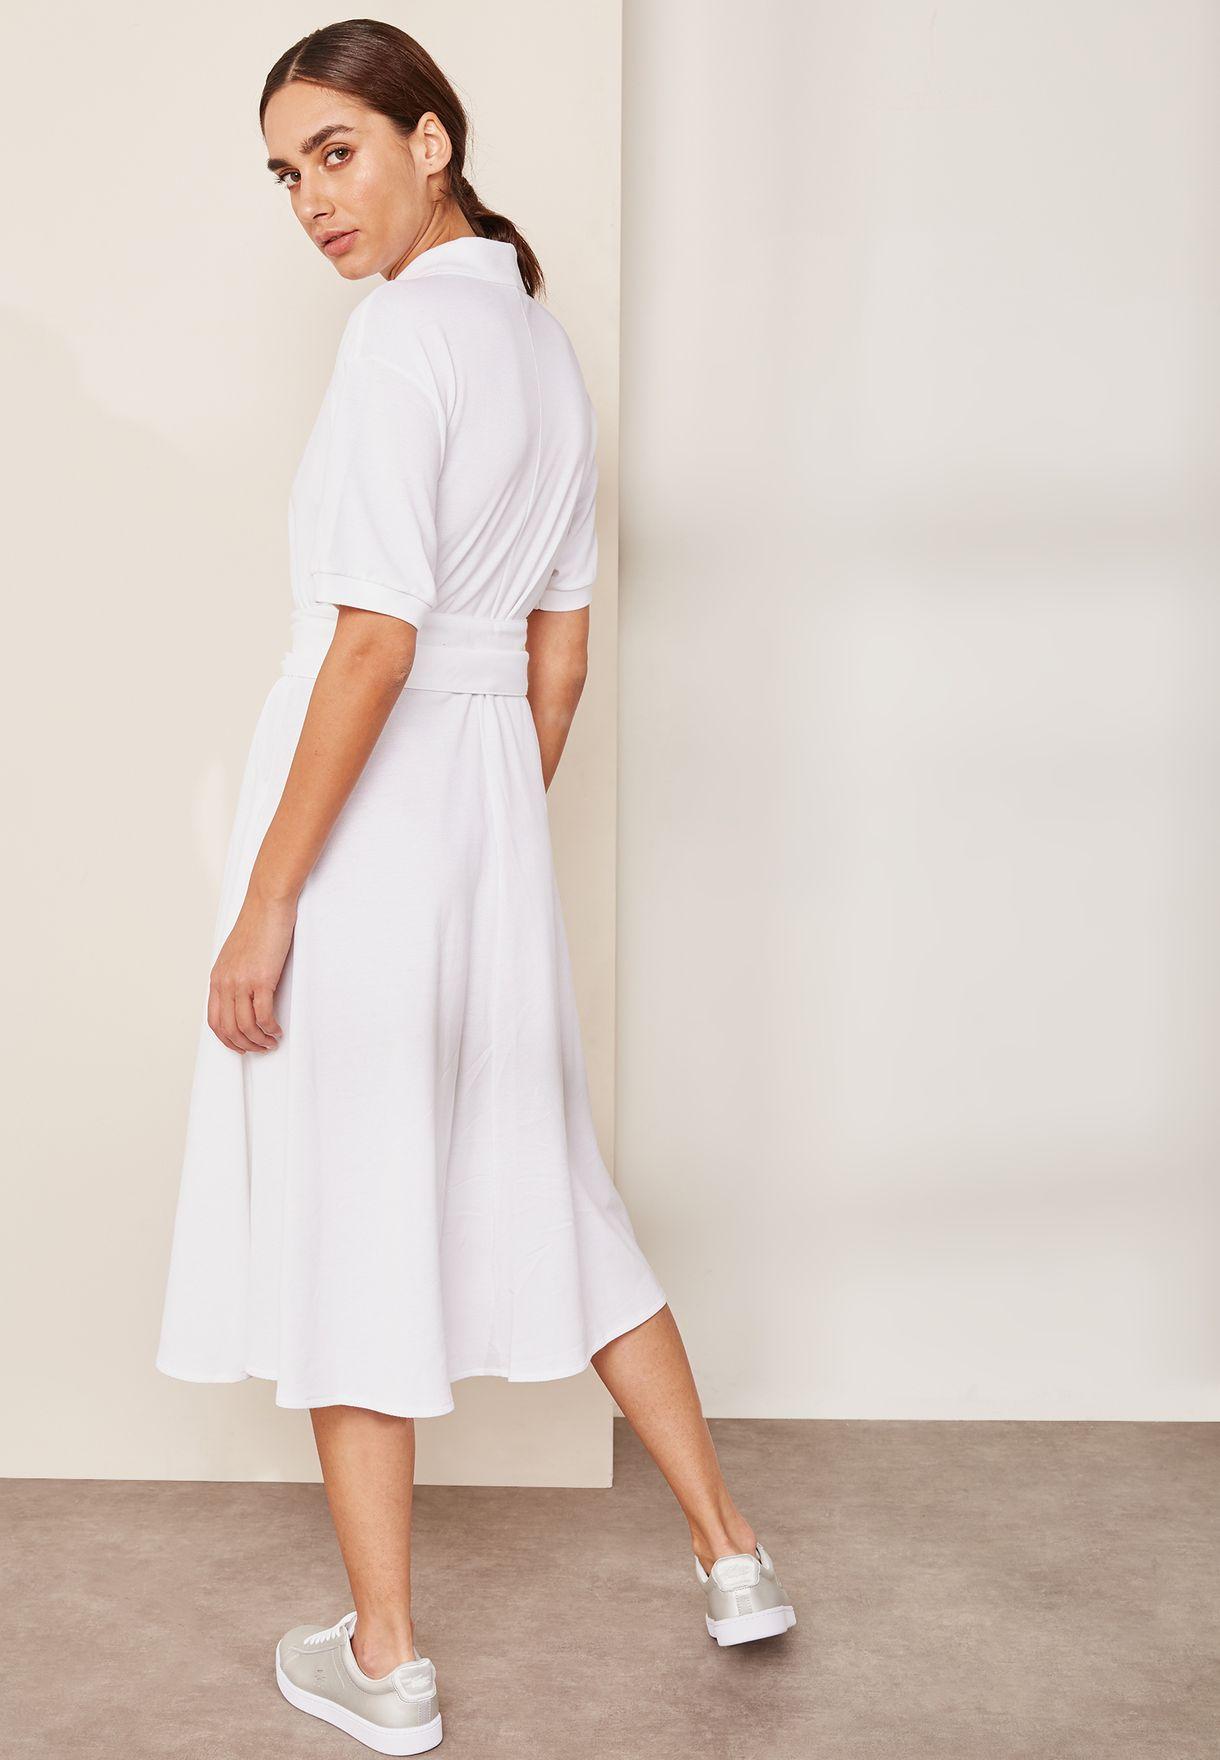 b1793fe4f247e Shop Lacoste white Belted Dress EF3089-00 for Women in UAE ...